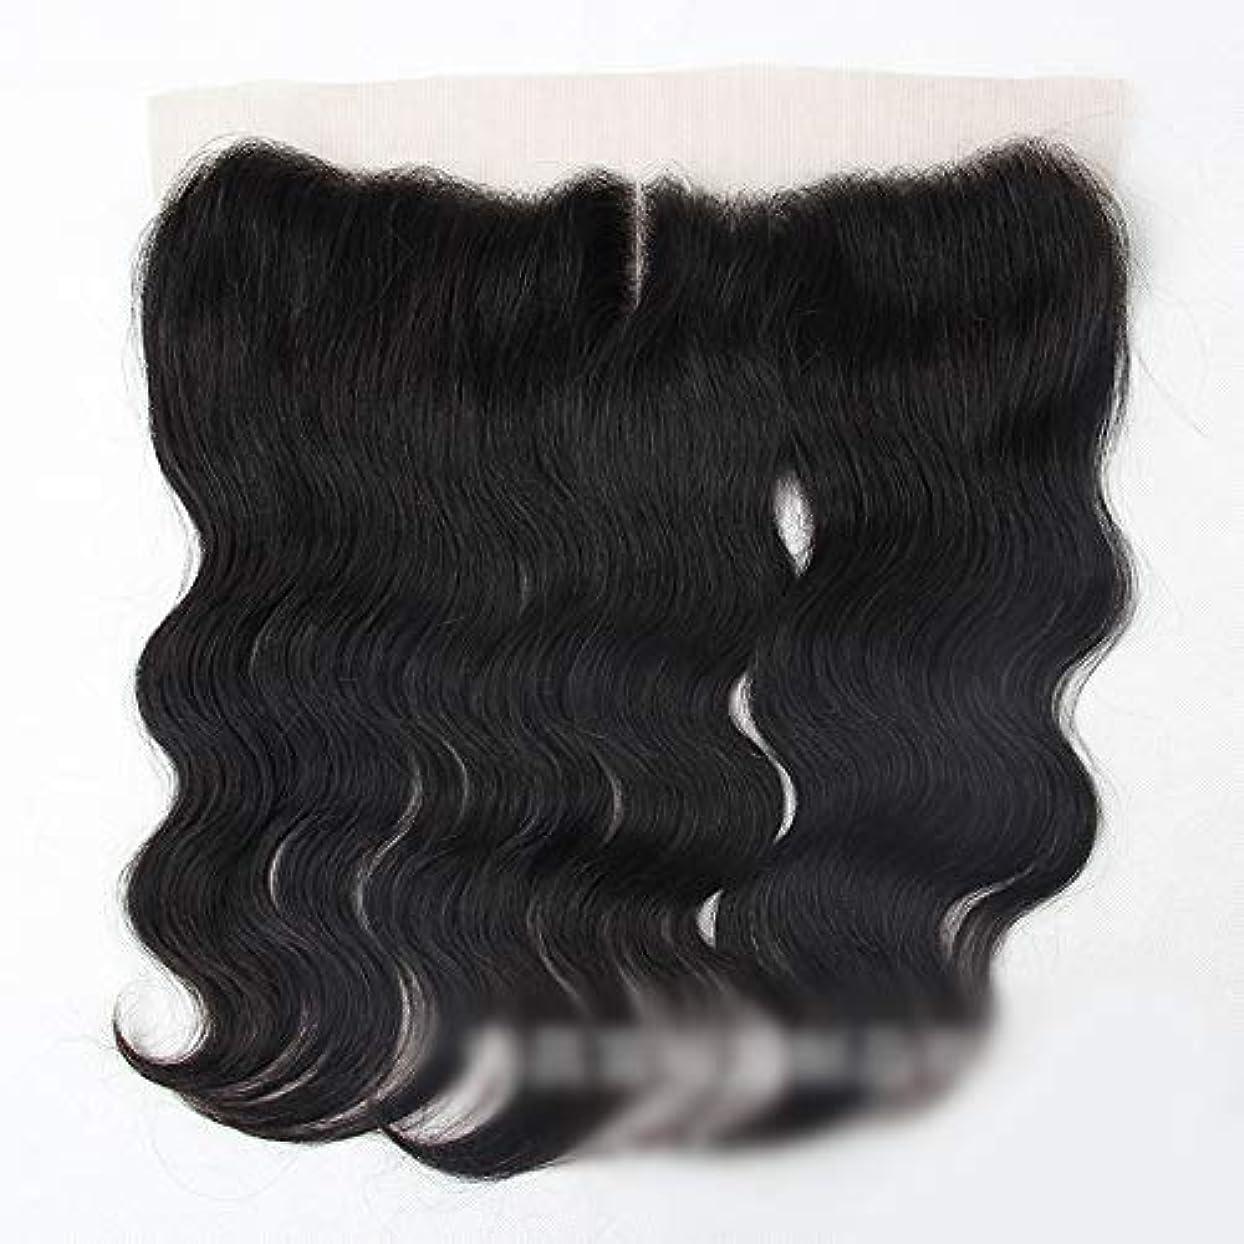 エール注目すべきチップMayalina ブラジルの実体波人間の髪の毛13×4レース前頭閉鎖中間部ナチュラルブラックカラーショートウィッグ (色 : 黒, サイズ : 10 inch)